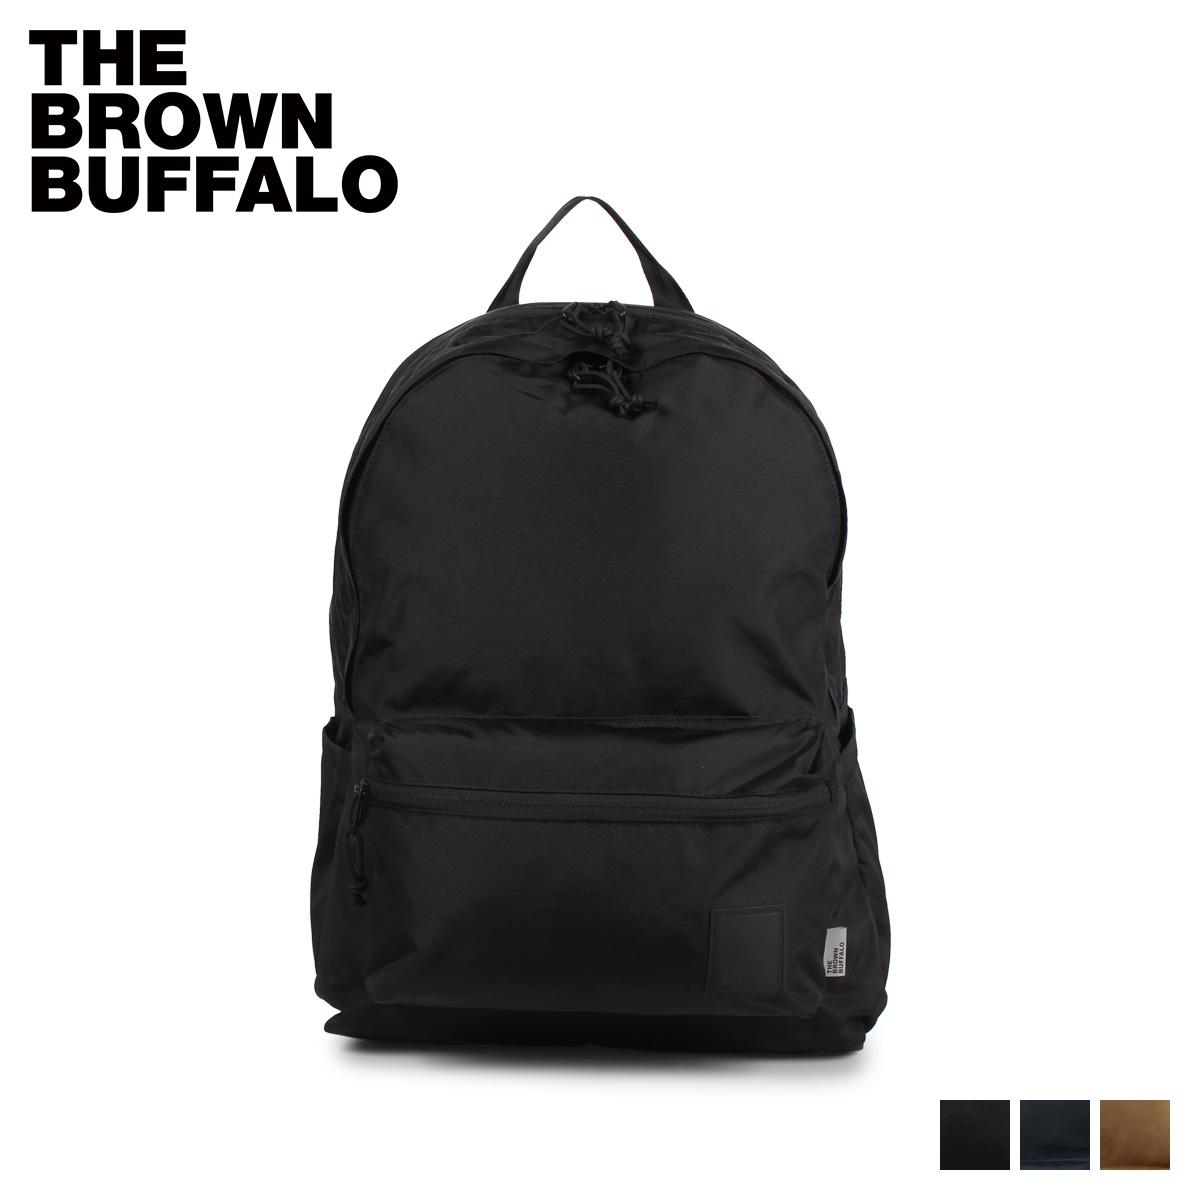 ザブラウンバッファロー THE BROWN BUFFALO リュック バックパック メンズ レディース STANDARD ISSUE BACKPACK ブラック ベージュ ネイビー 黒 F18DP420D